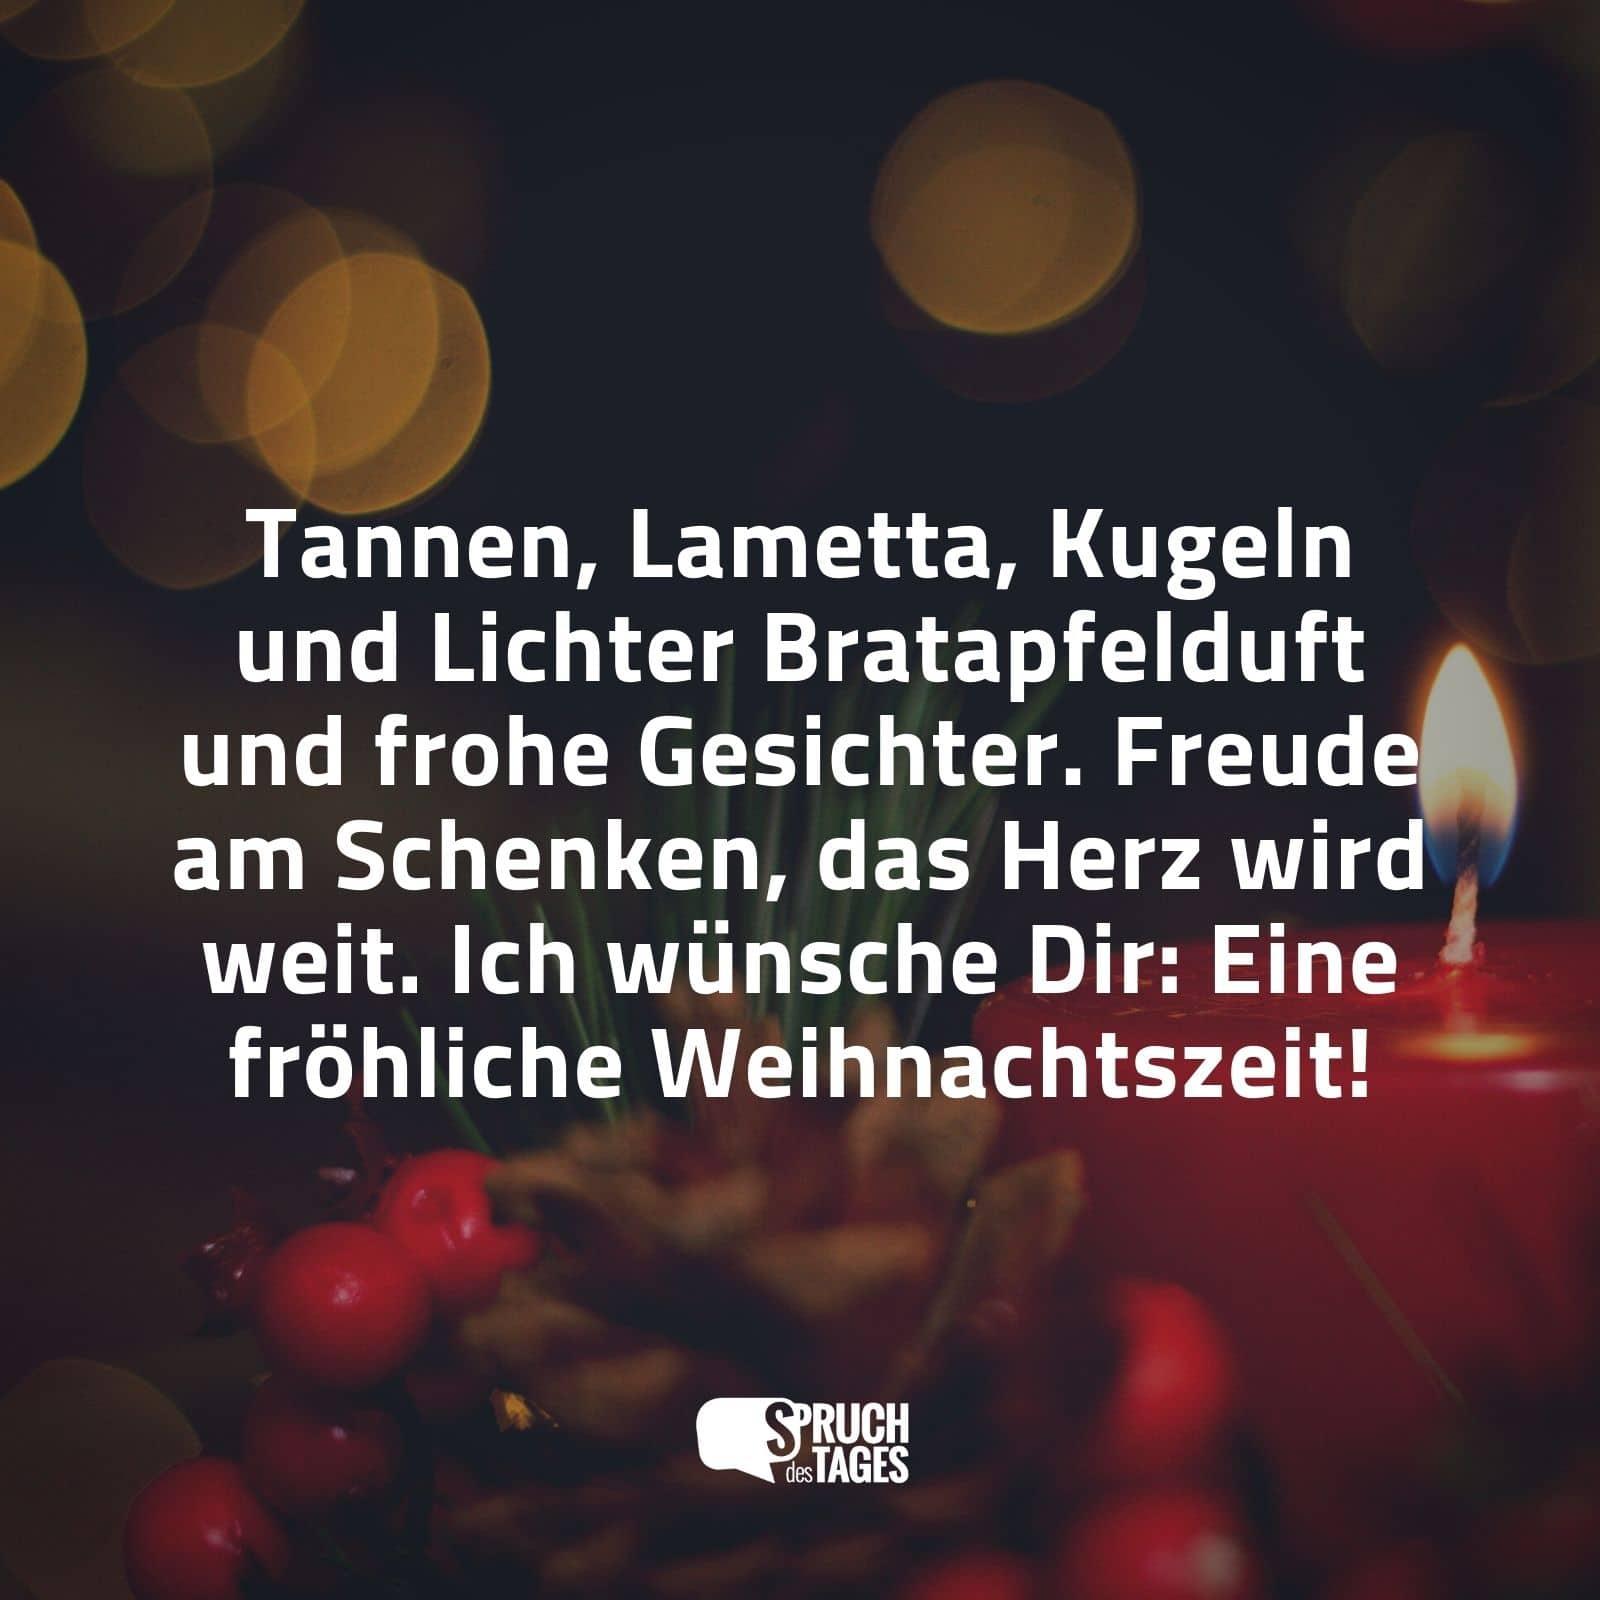 Weihnachtsgedichte Lang Und Lustig.Weihnachtsgrüße Weihnachtsgedichte Und Weihnachtssprüche